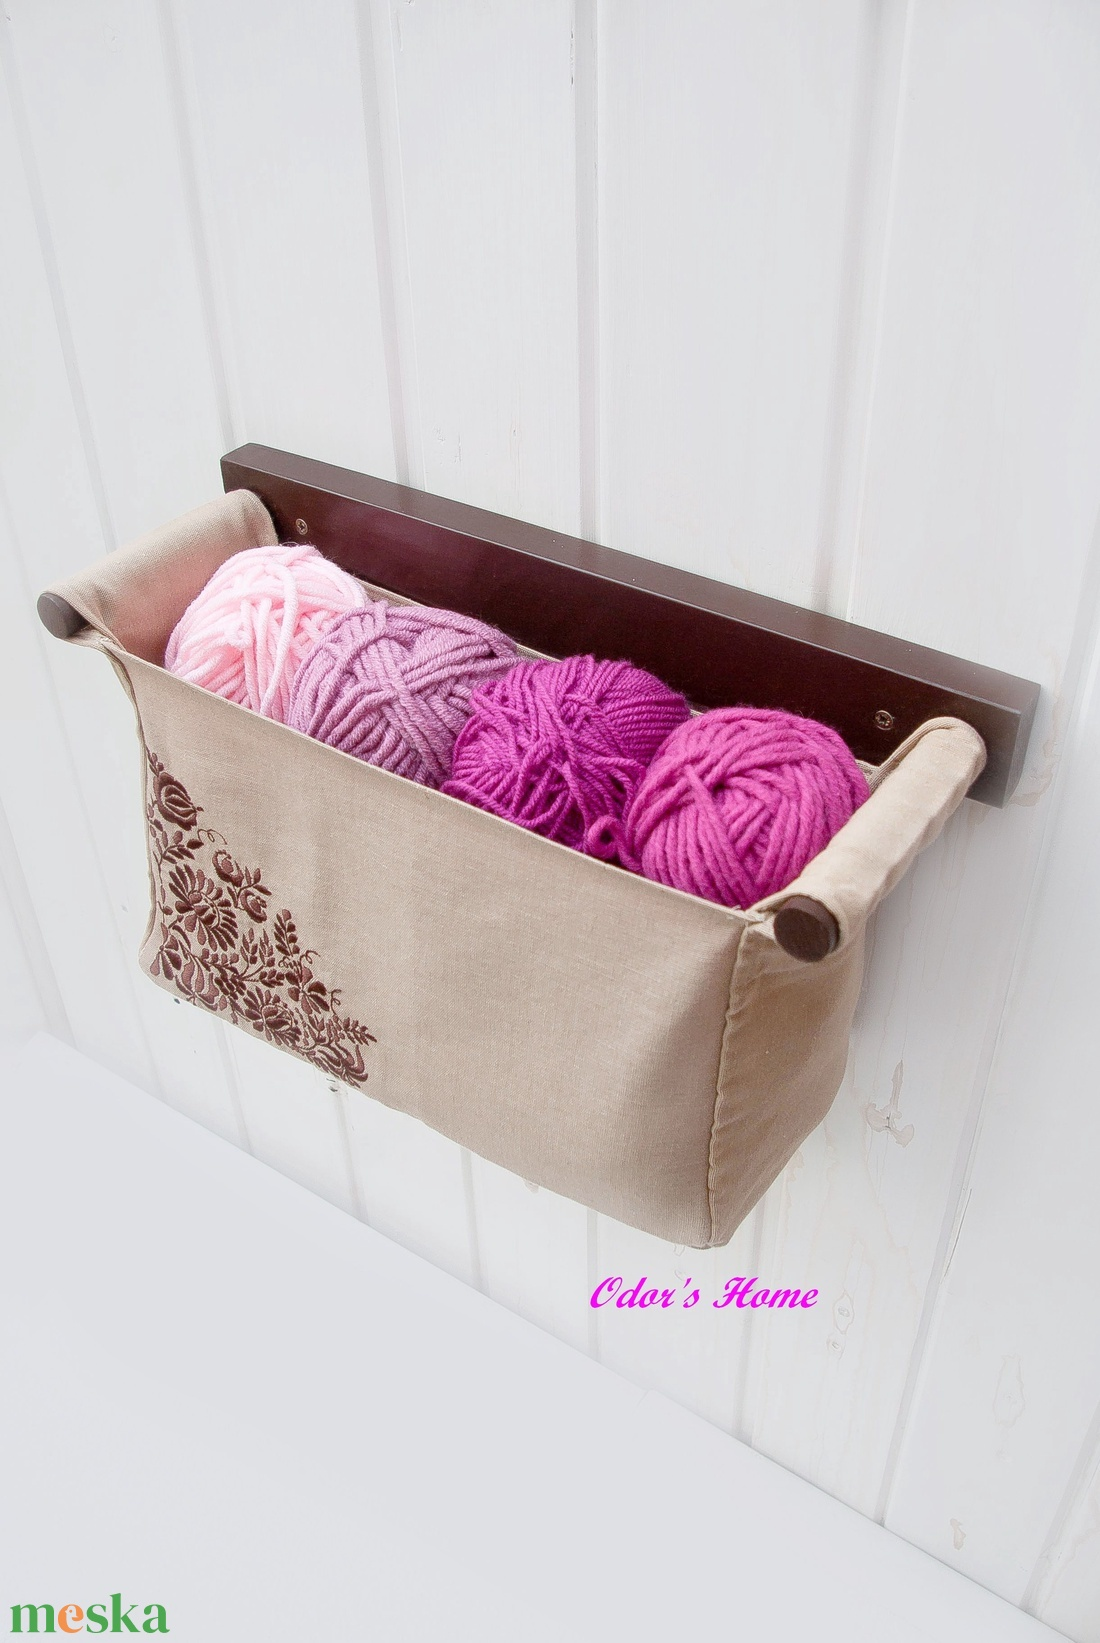 Fali tároló 1 rekeszes Beige lenvászon Csokibarna színű, hímzett népi mintával (OdorsHome) - Meska.hu